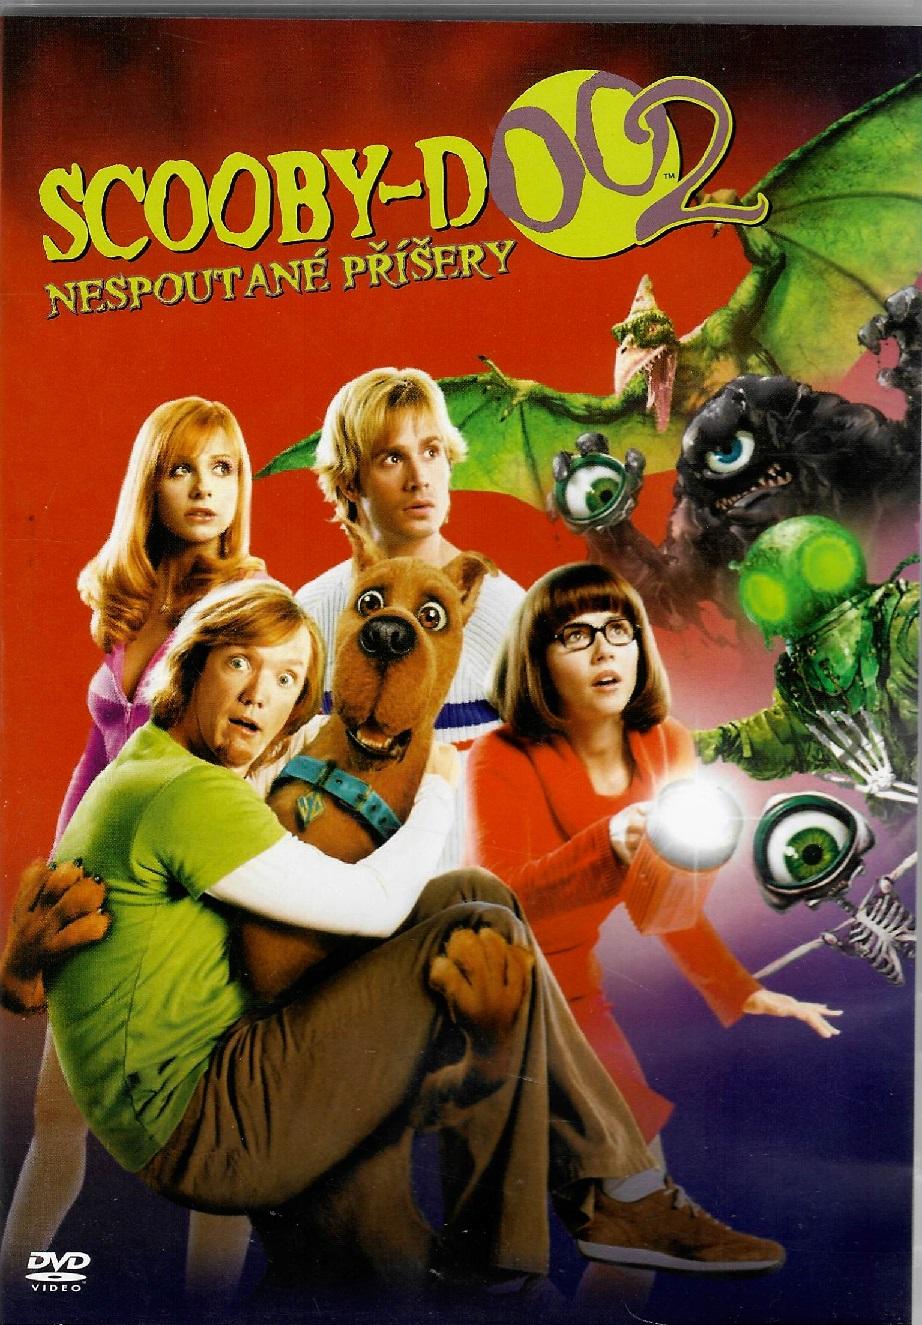 Scooby Doo 2: Nespoutané příšery -DVD plast